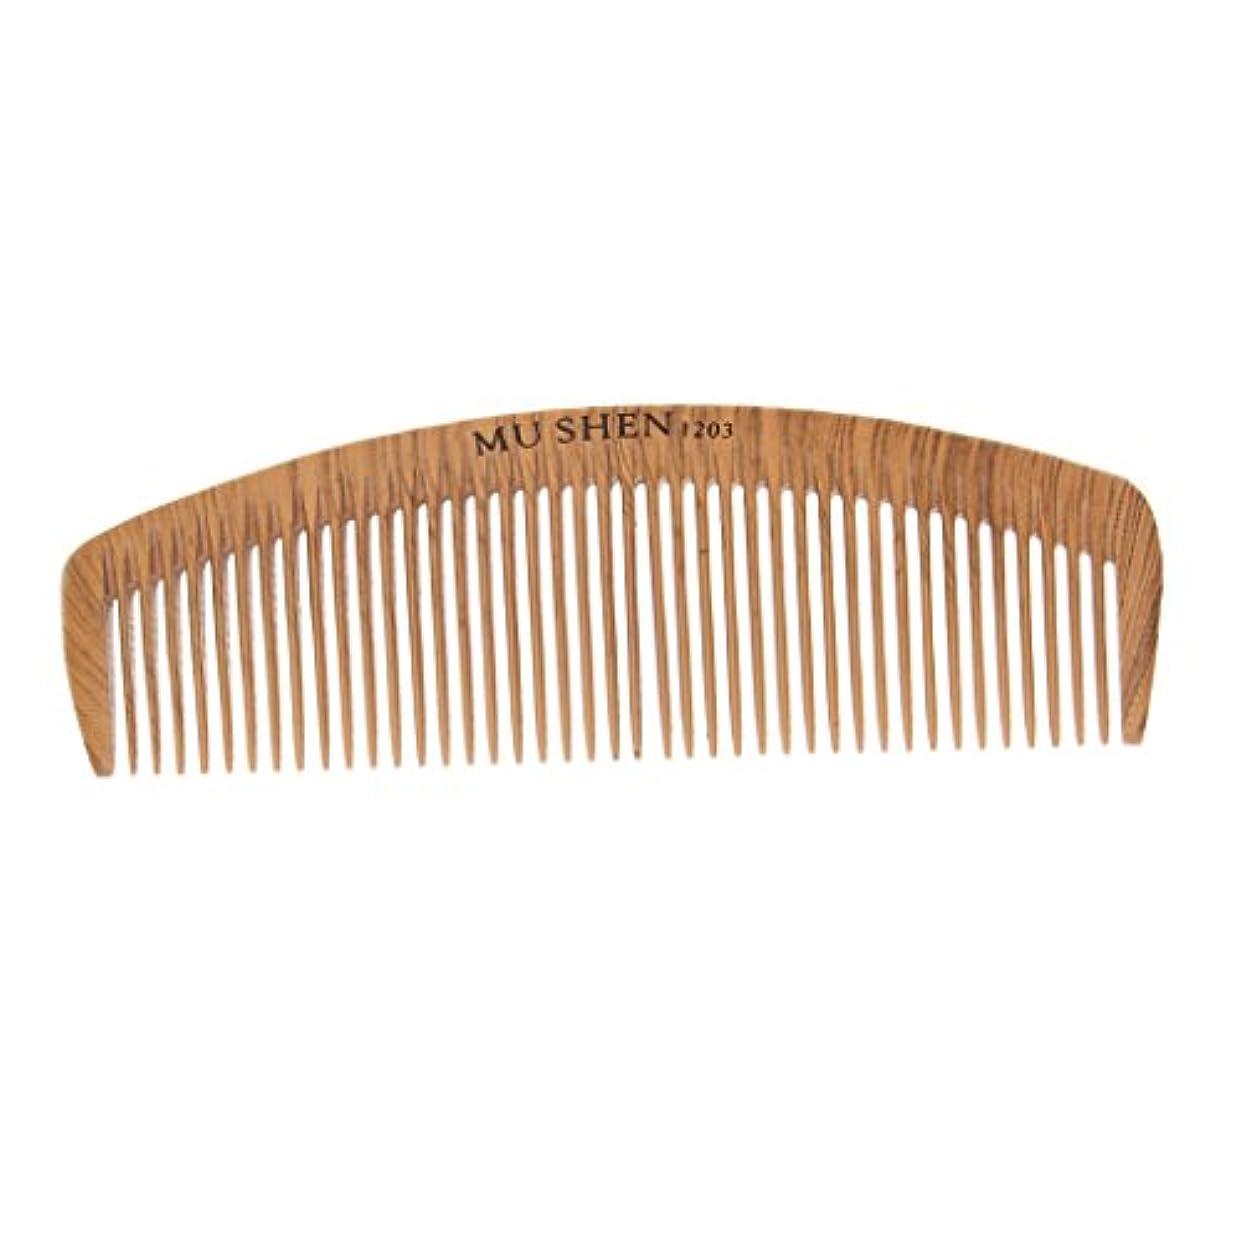 規定印象的なある帯電防止ウッドサロン床屋ヘアスタイリング理髪切削くしヘアブラシ - 1203